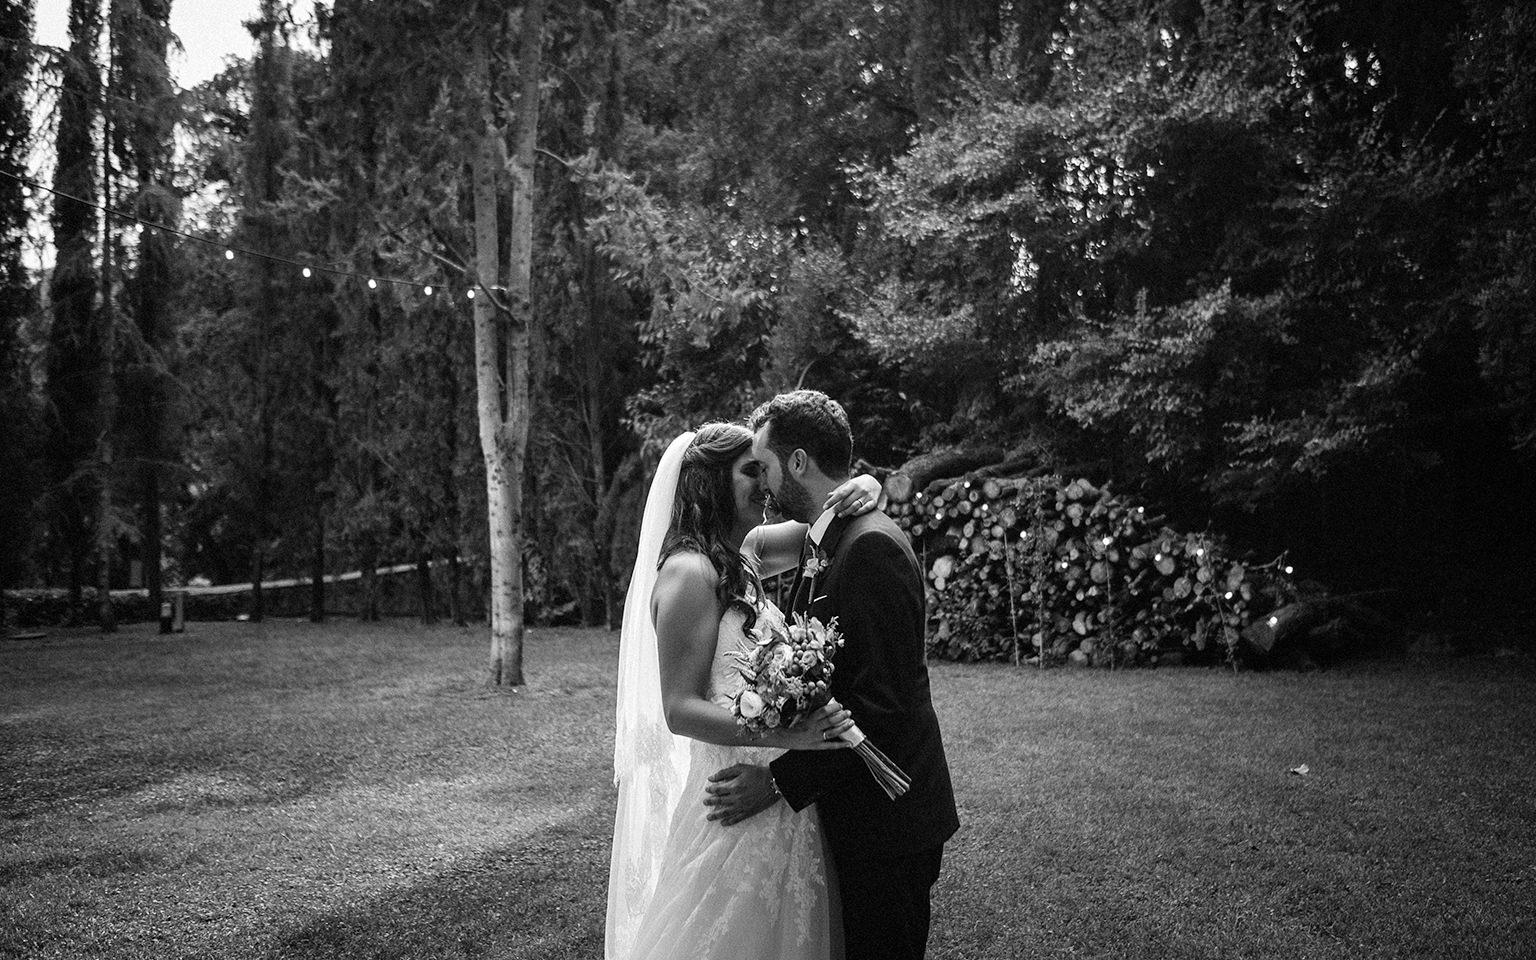 Fotógrafo de bodas Barcelona, fotografía de bodas en Girona, Tarragona, Lleida. Mejor fotógrafo de bodas en Can Ribas de Montbui